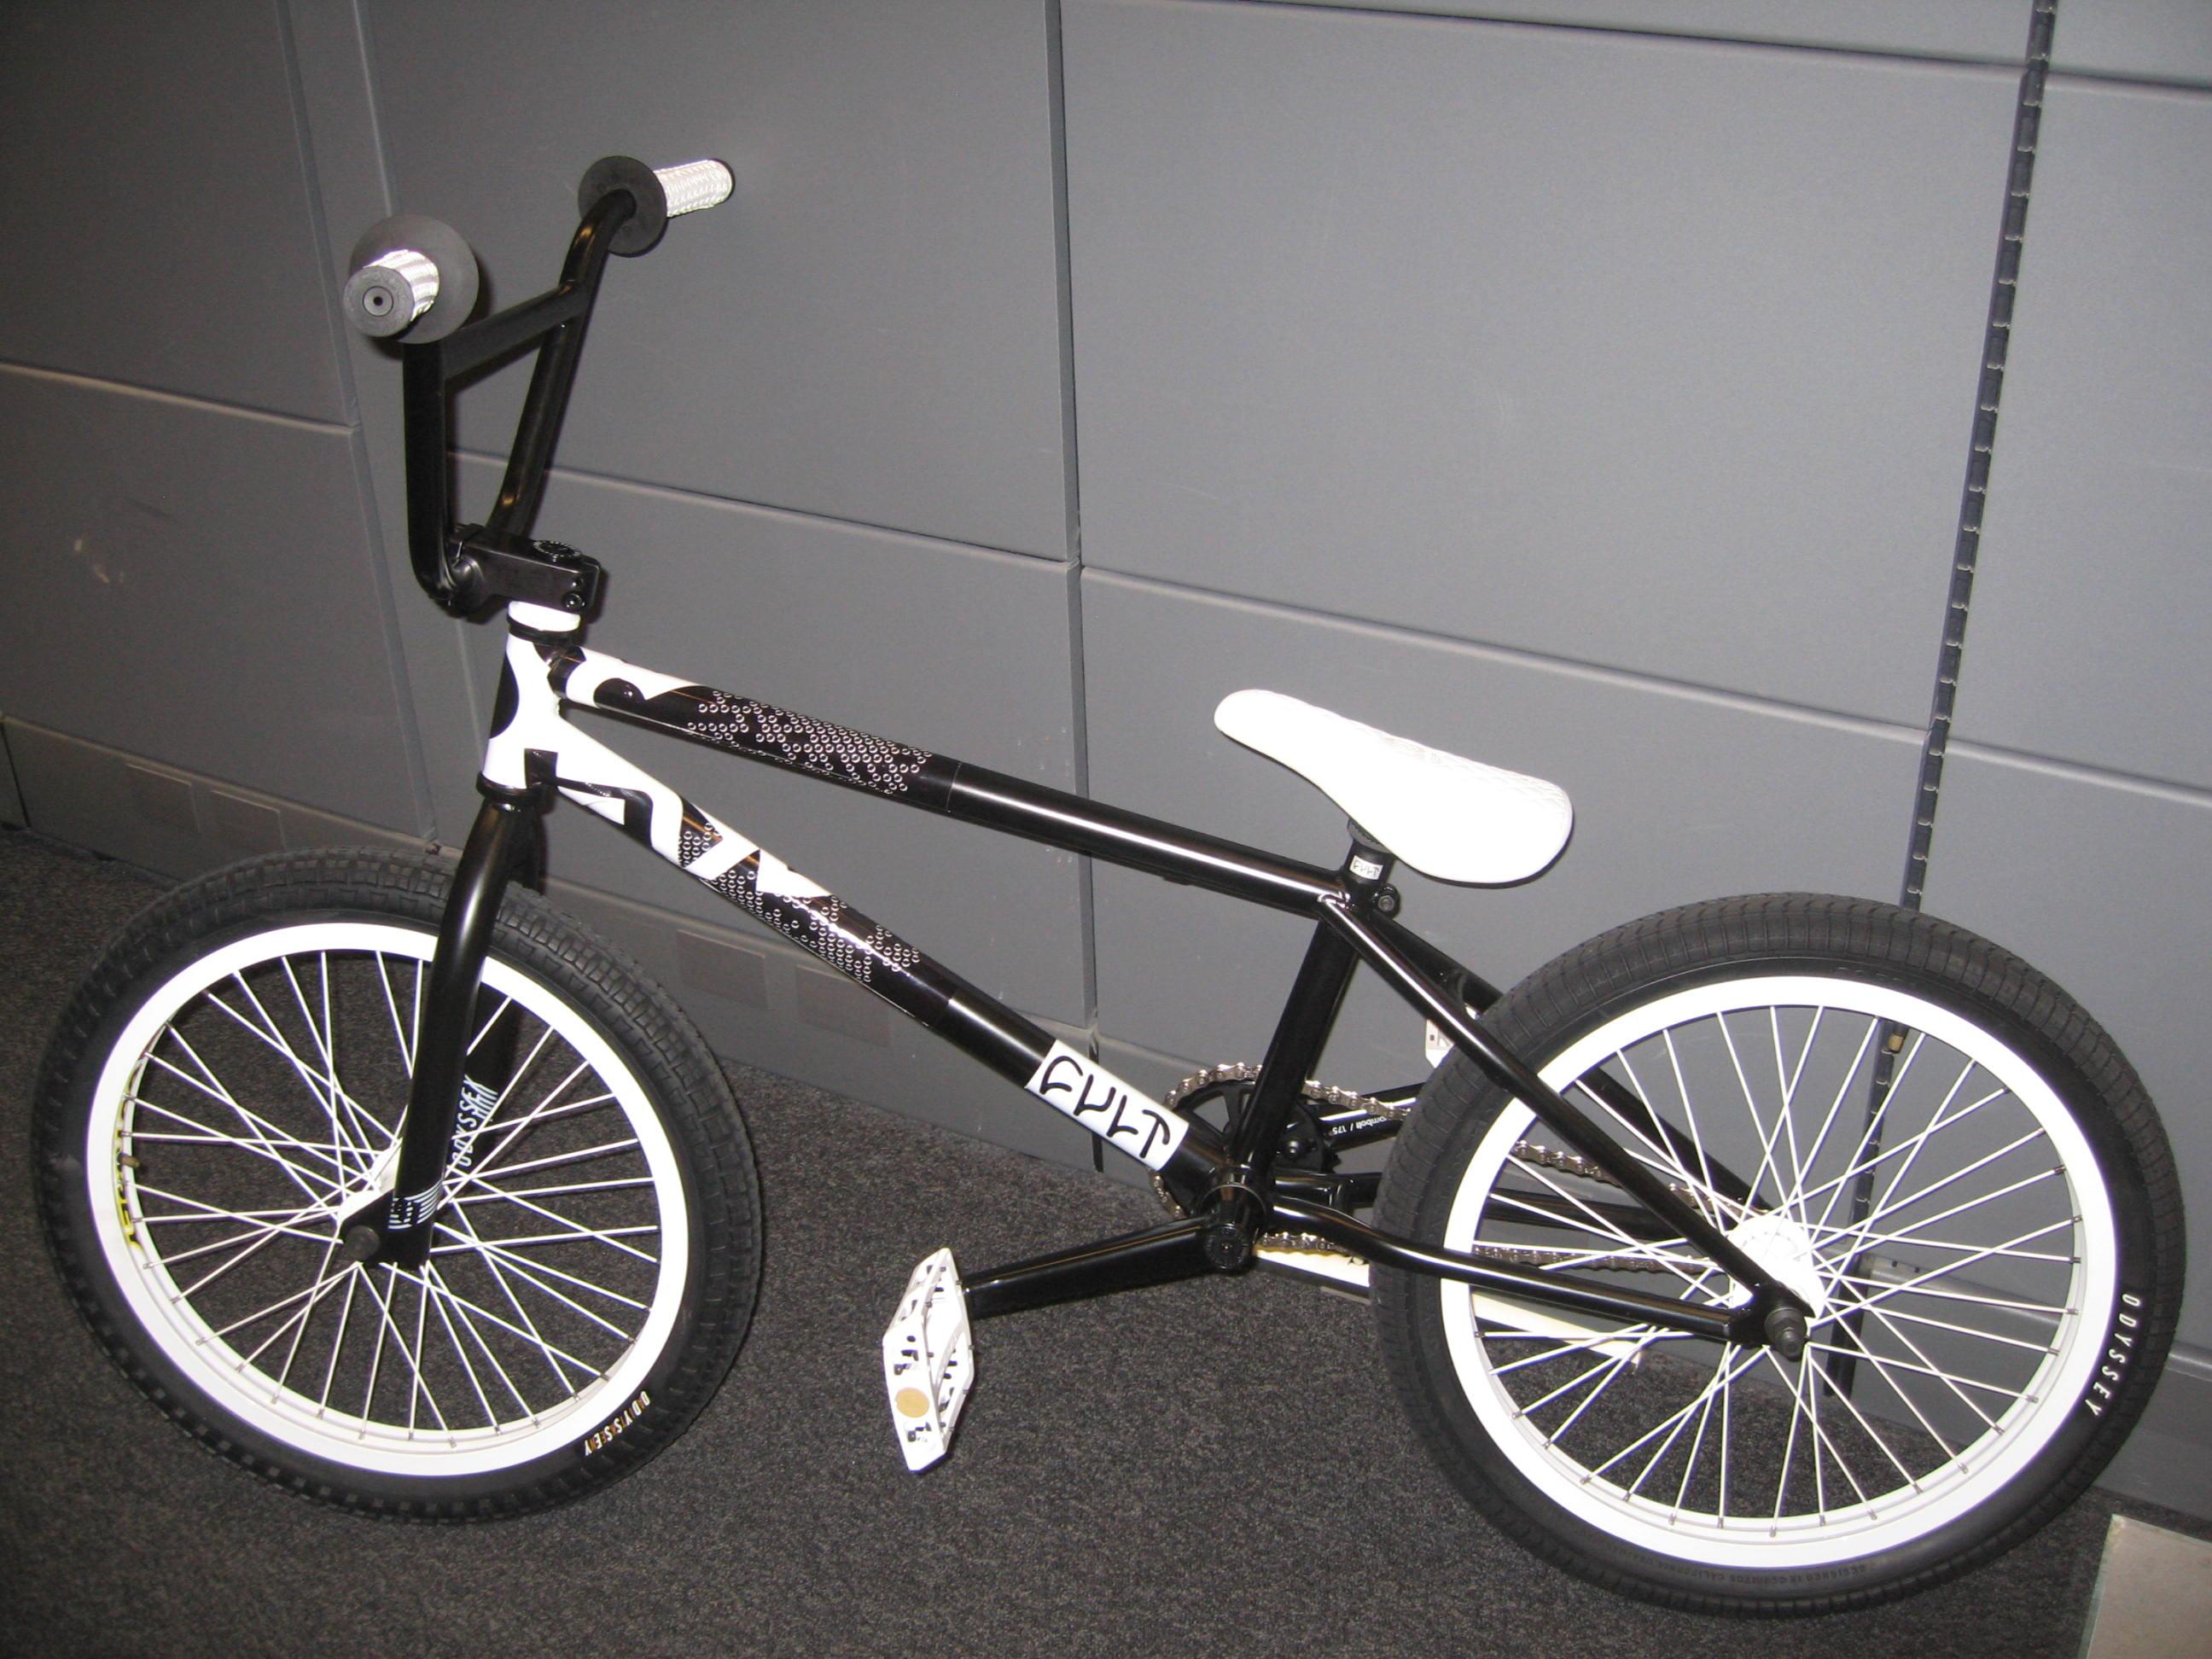 oakley bikes